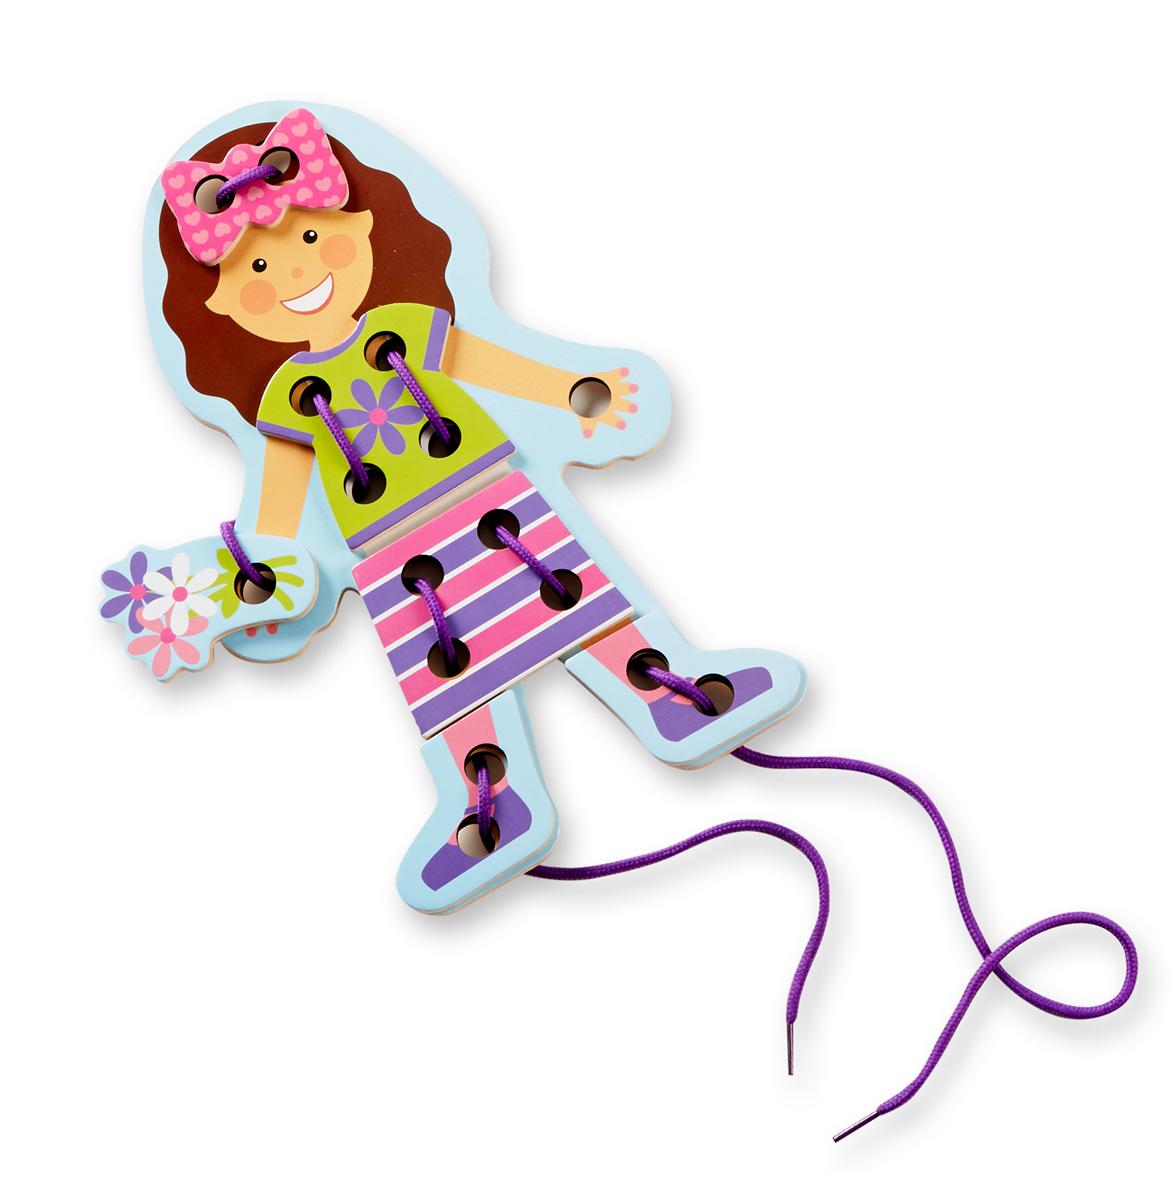 Кукла - Моя первая шнуровка из серии Первые навыкиШнуровка<br>Кукла - Моя первая шнуровка из серии Первые навыки<br>